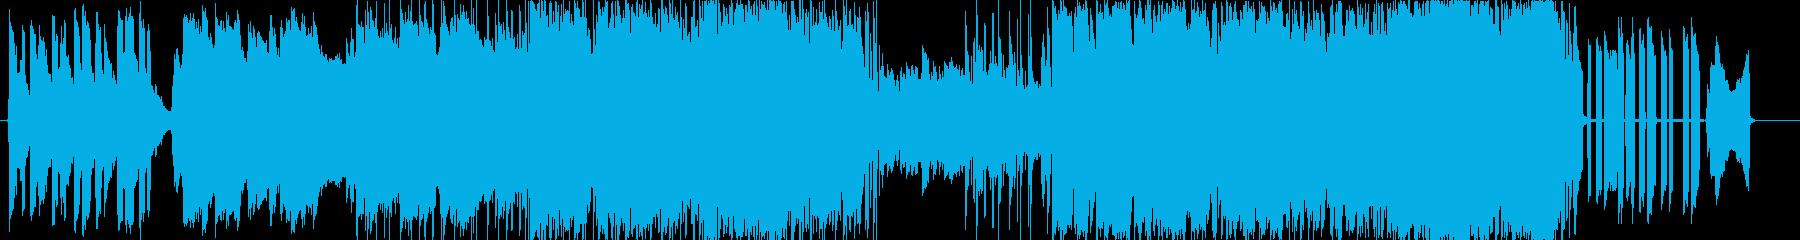 チェロR&Bの再生済みの波形